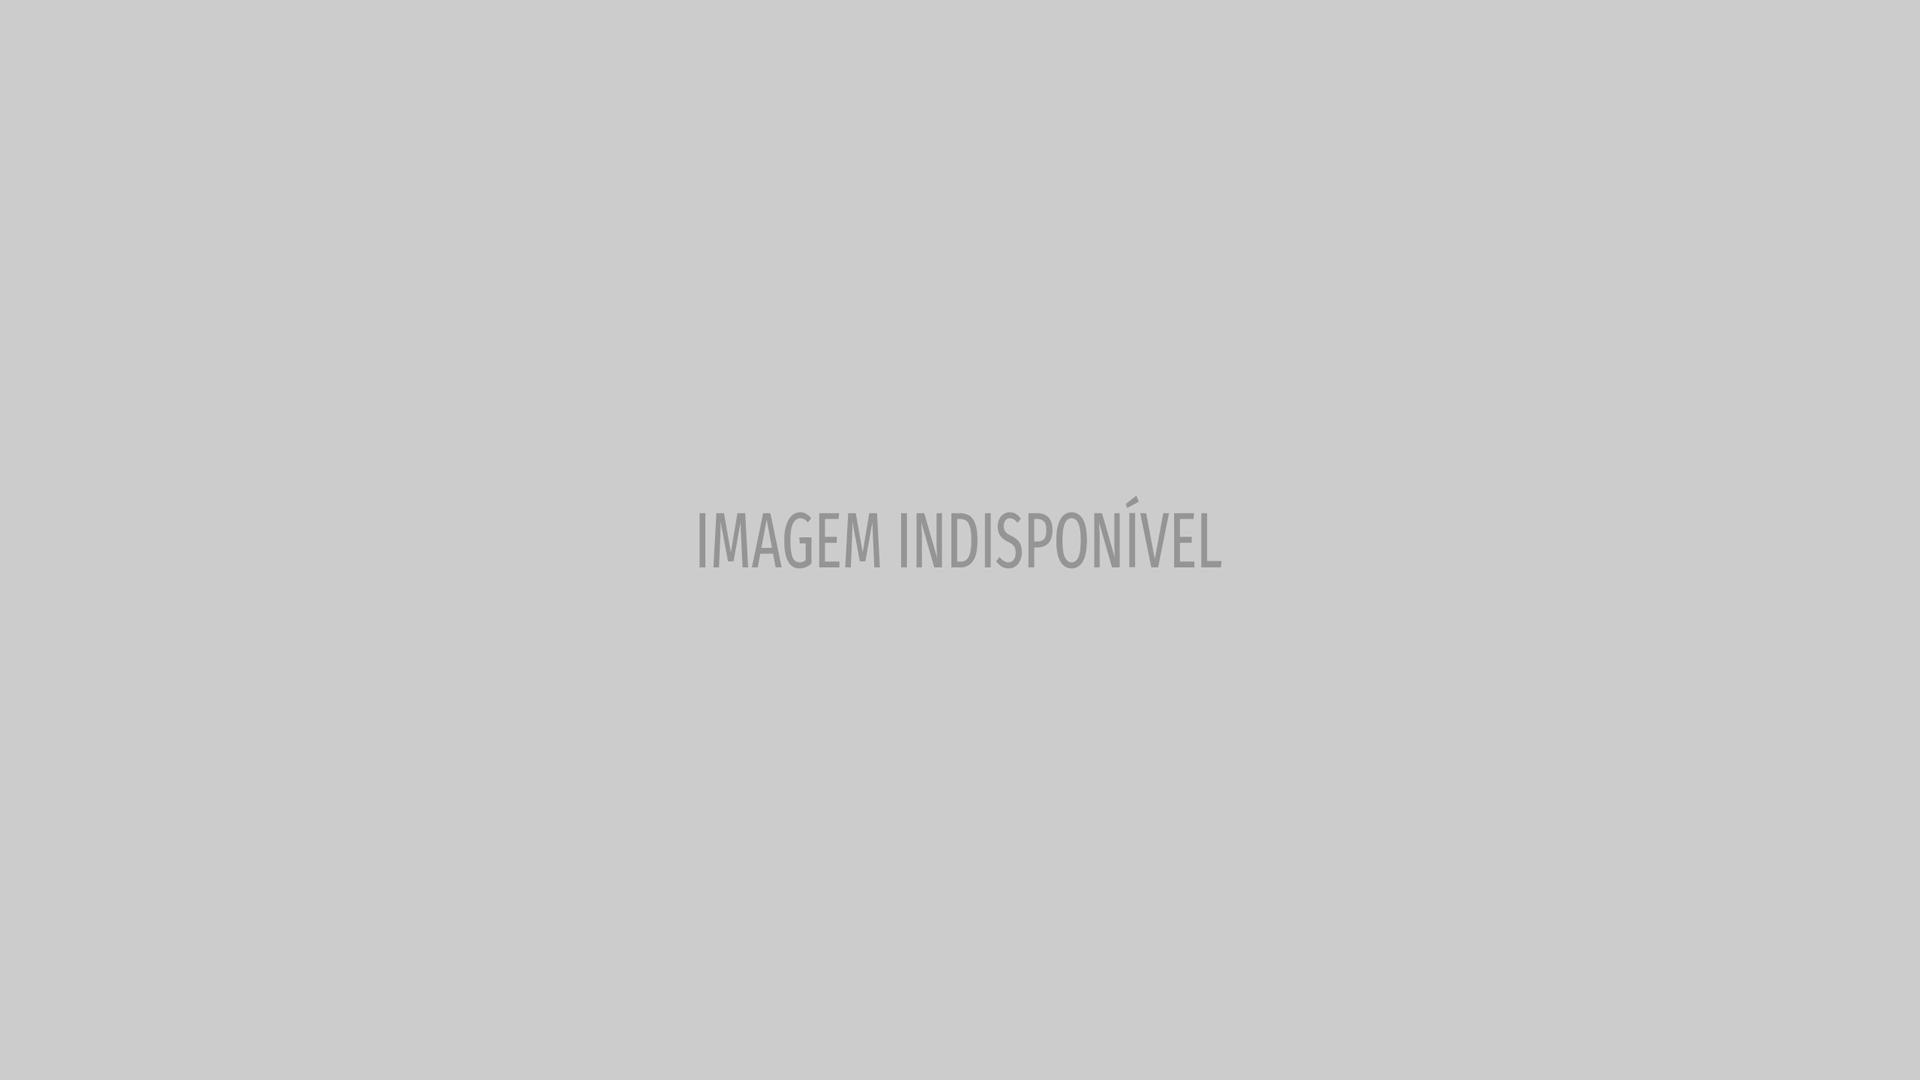 foi ha 20 anos que o mundo chorou a morte de diana a princesa do povo noticias ao minuto